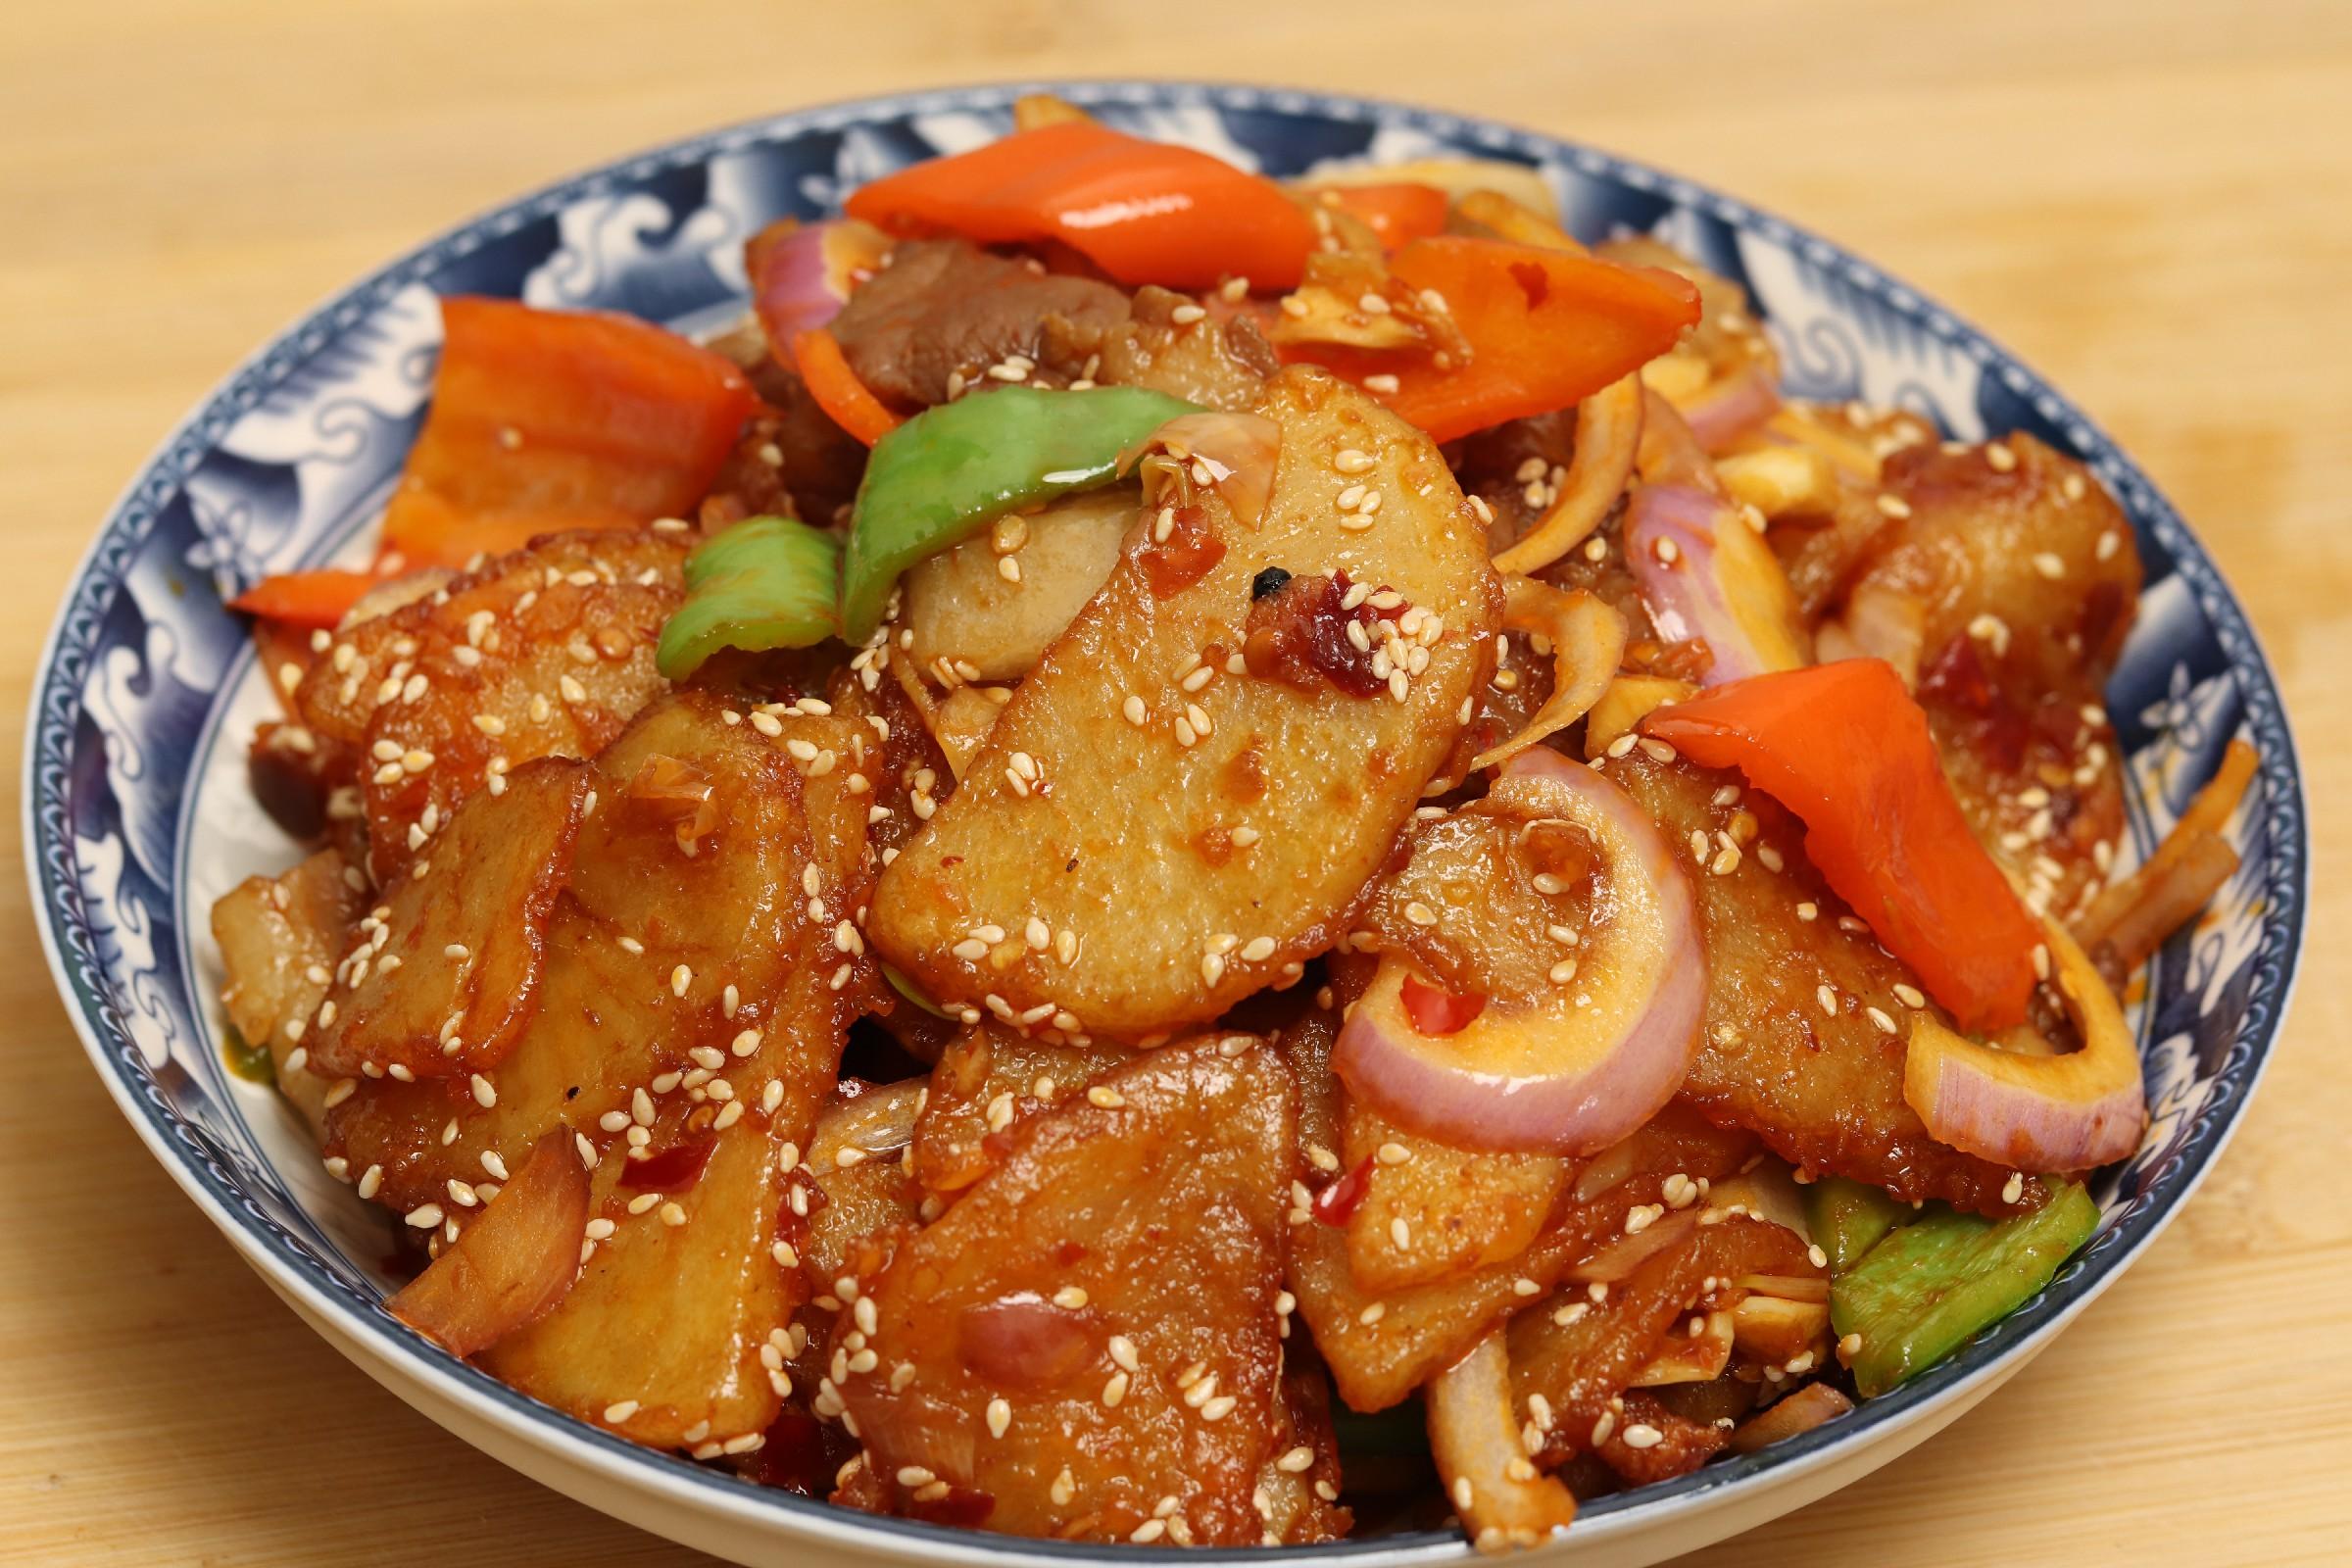 做干锅土豆片,切记不要直接下锅炸,多加一步,好吃不油腻